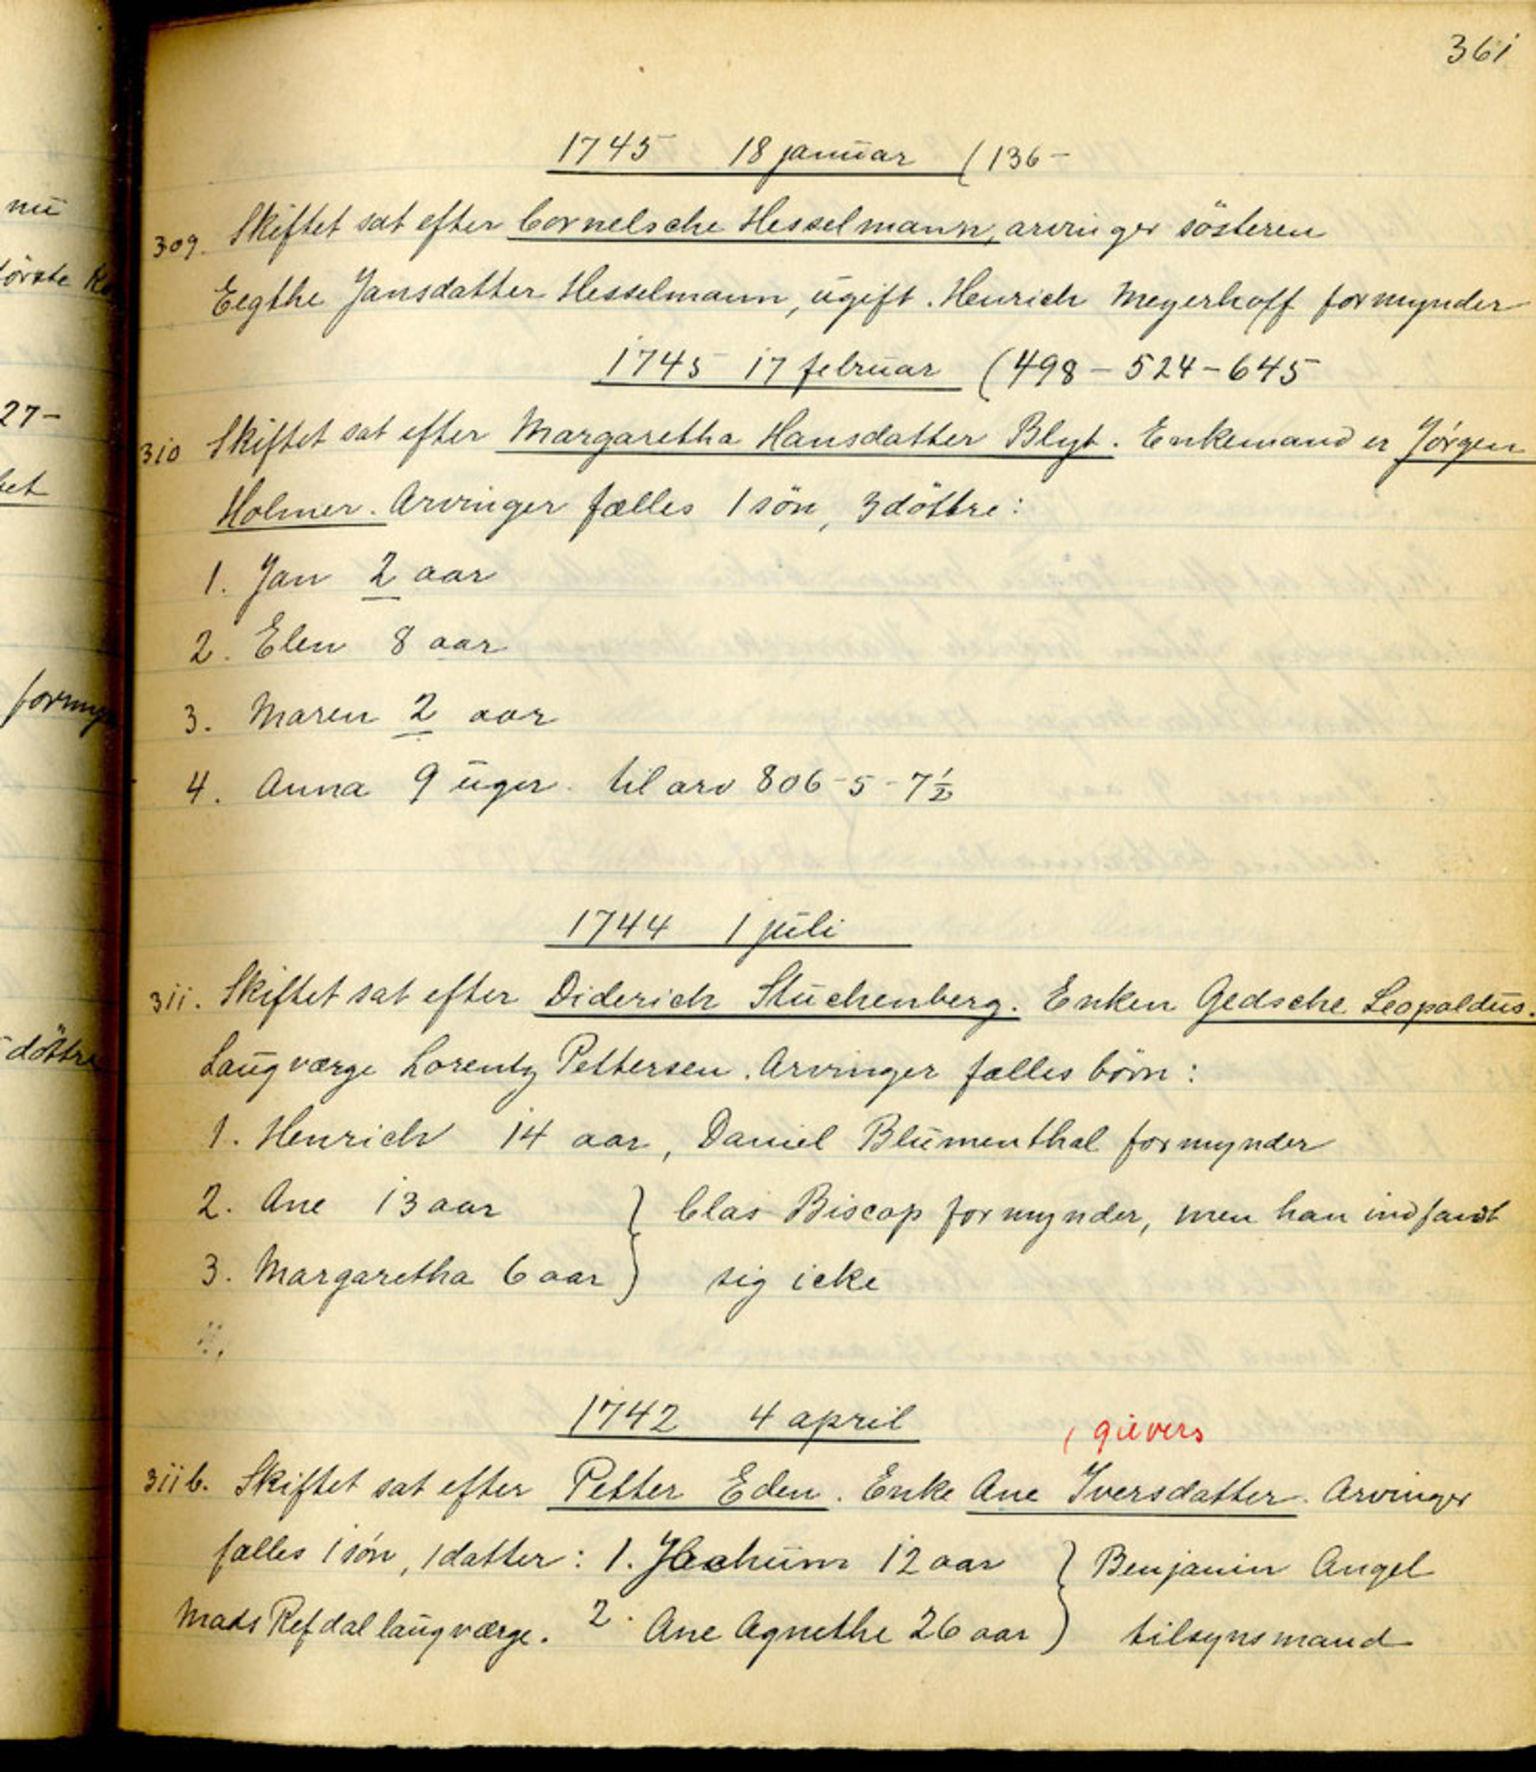 SAB, Sollied, Olaf og Thora - samlinger, 01/L0010: Skifte: Utdrag av skifteprotokoller, 1740-1759, s. 361